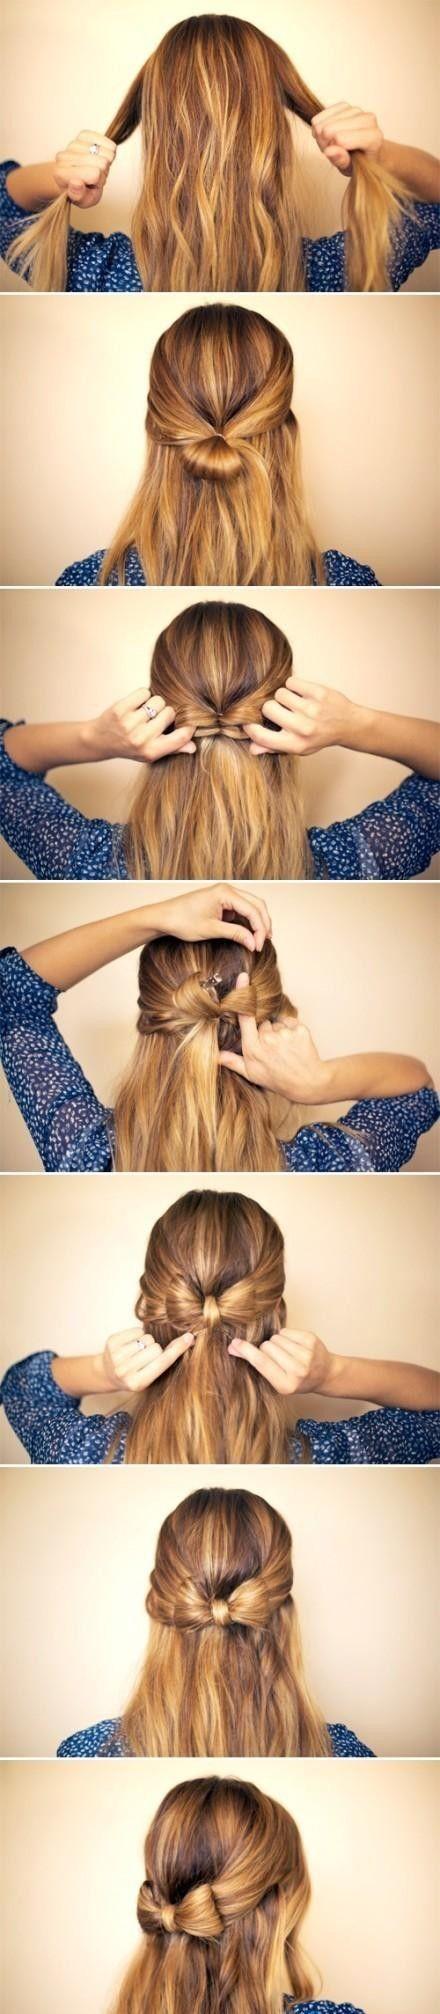 England bow behind a braided hair. Yeah good lady. ~ [A] group meatball